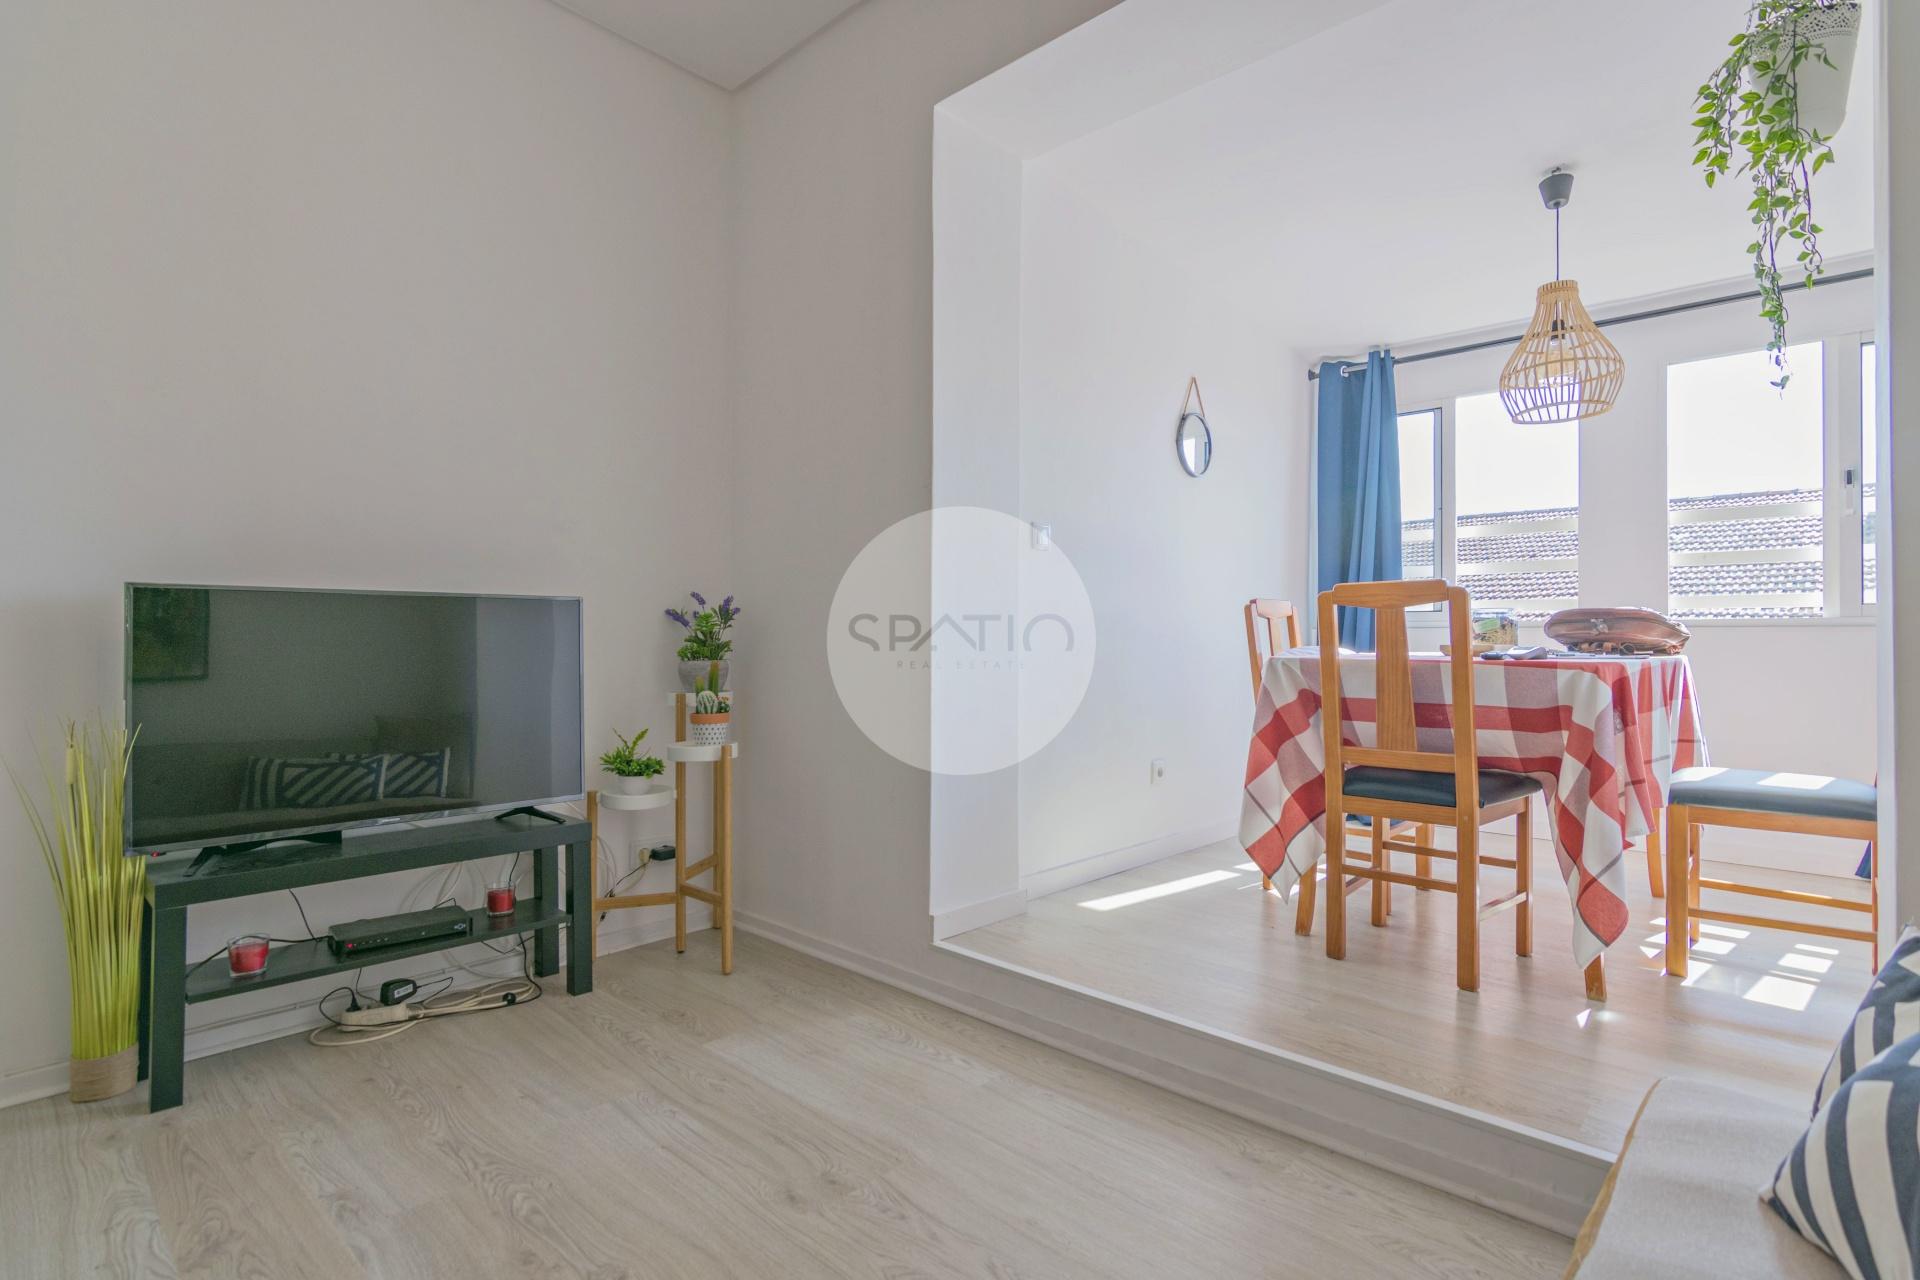 Apartamiento T2+2 DUPLEX